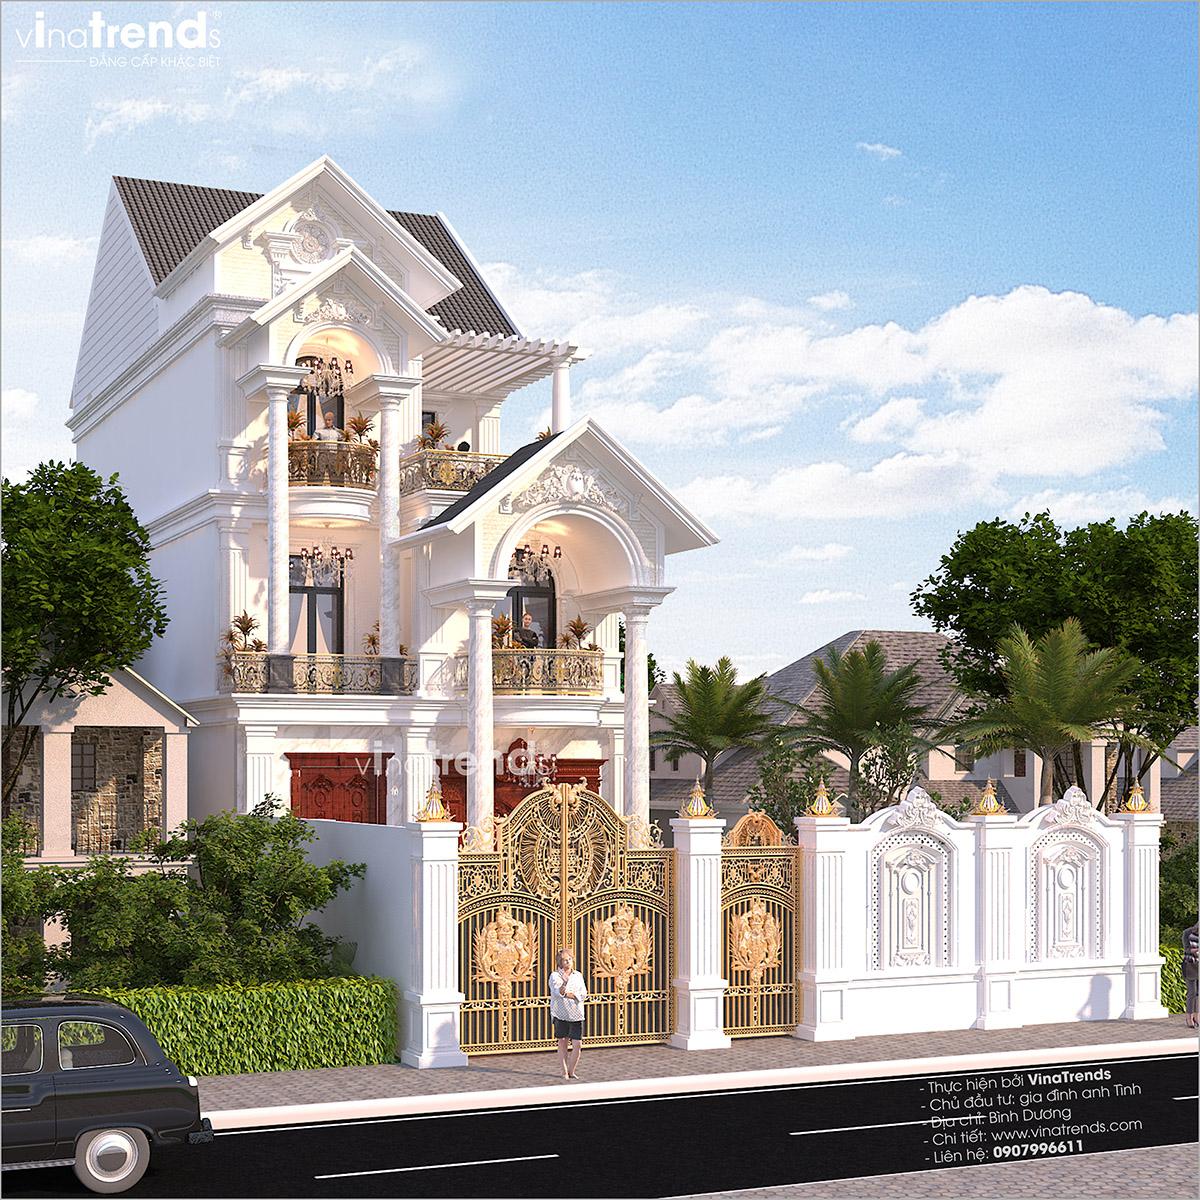 mau biet thu mai thai 3 tang dep Mẫu nhà biệt thự cổ điển  mái thái 3 tầng 7mx17,6m hút gió & ánh sáng tính toán tài tình